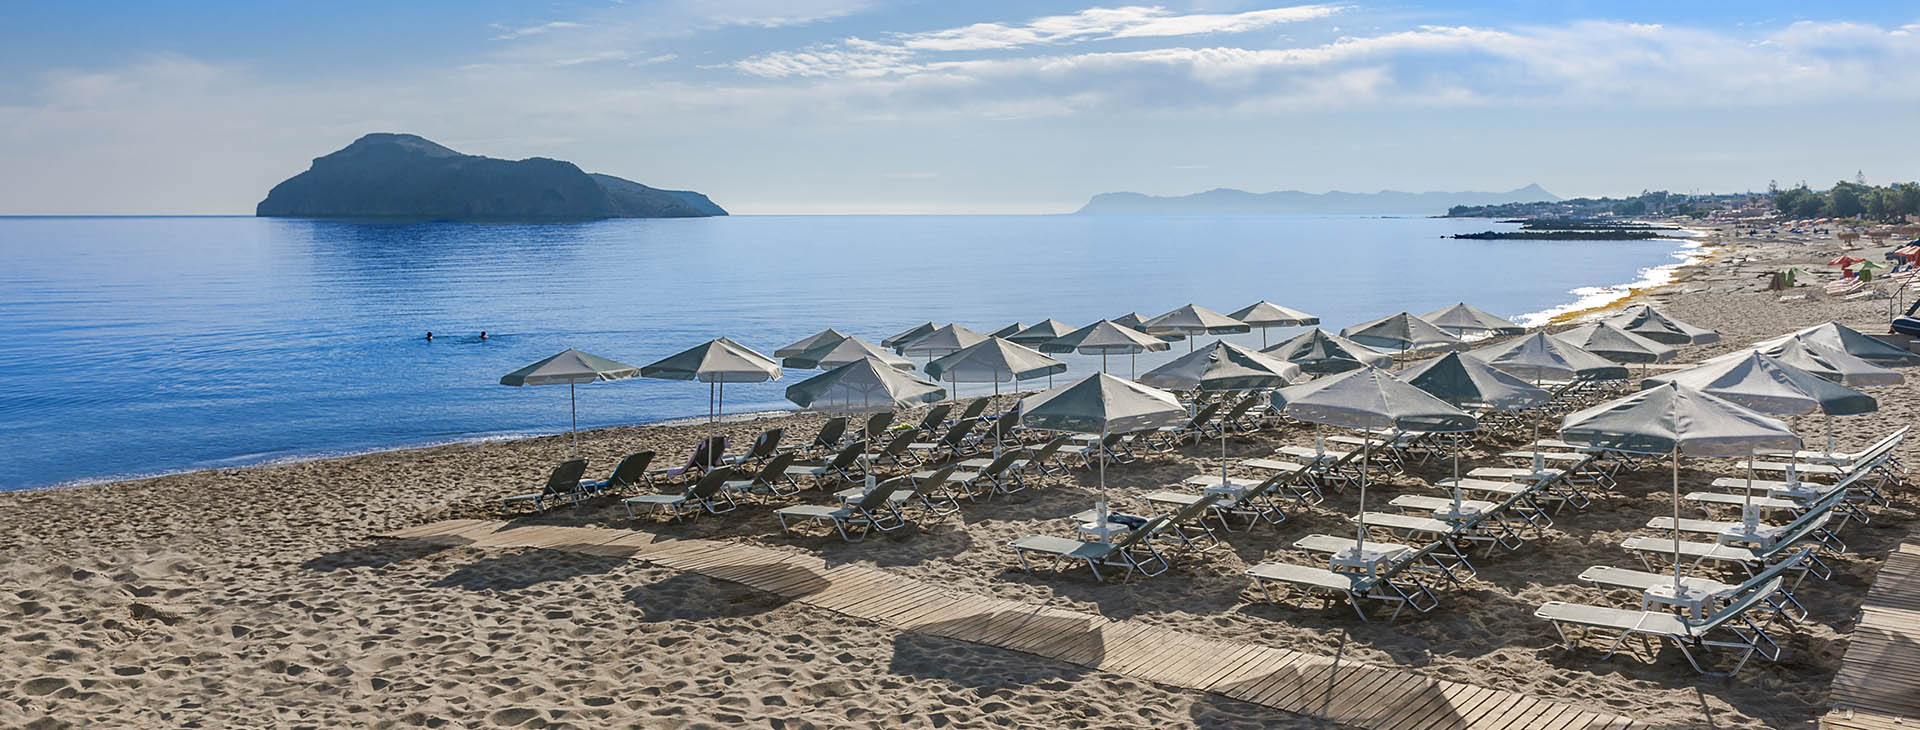 Limanaki beach, Platanias, Chania